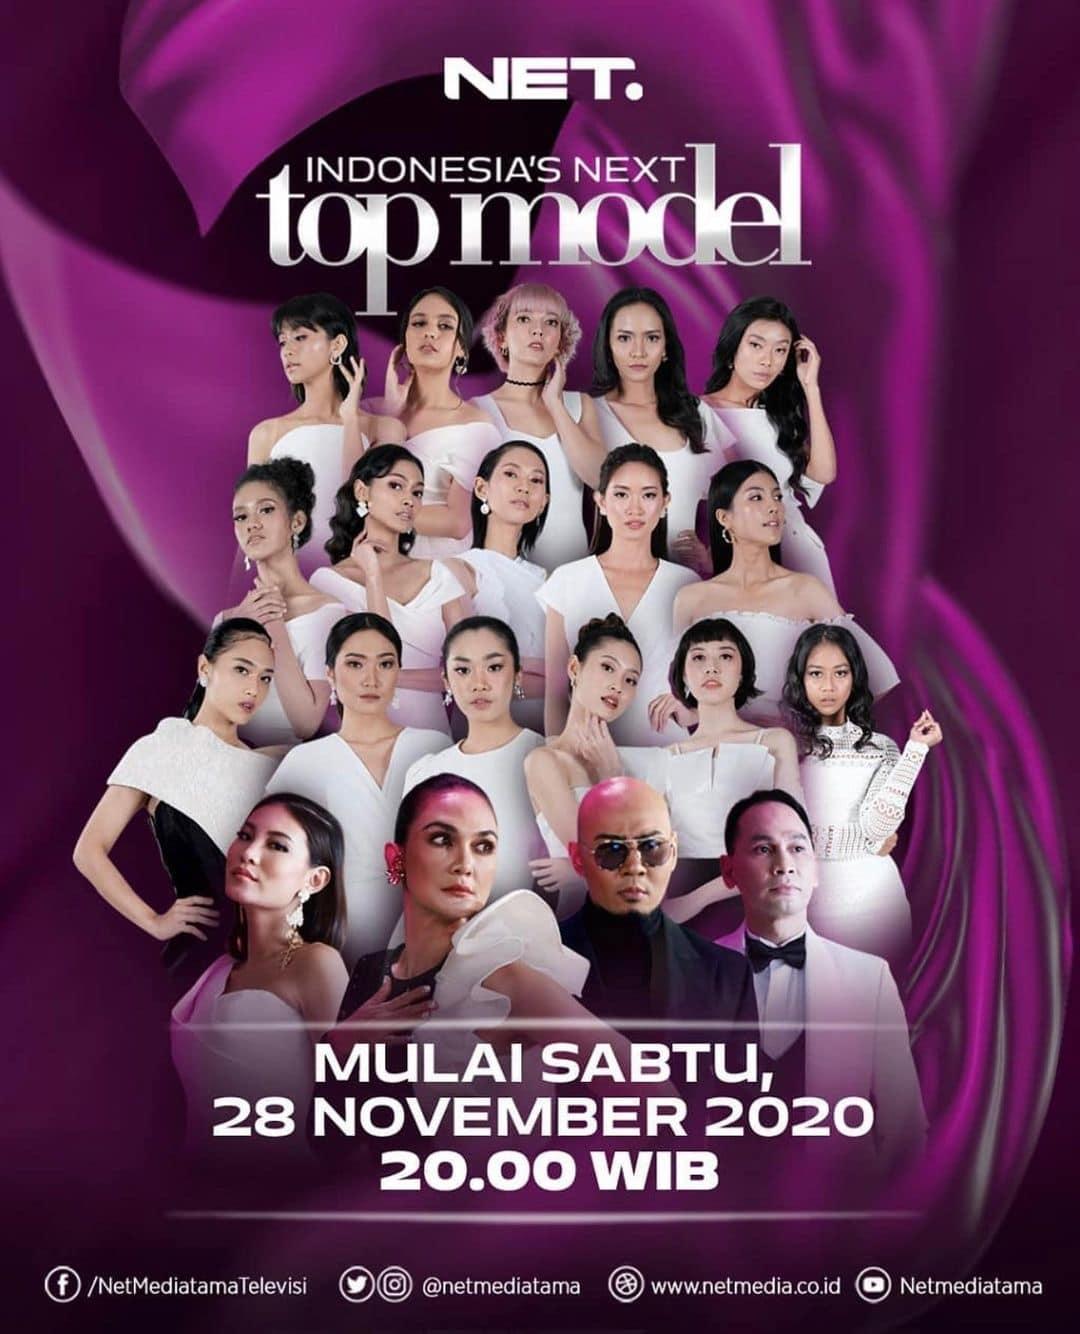 Indonesia's Next Top Model Segera Hadir Dengan 4 Juri Ini